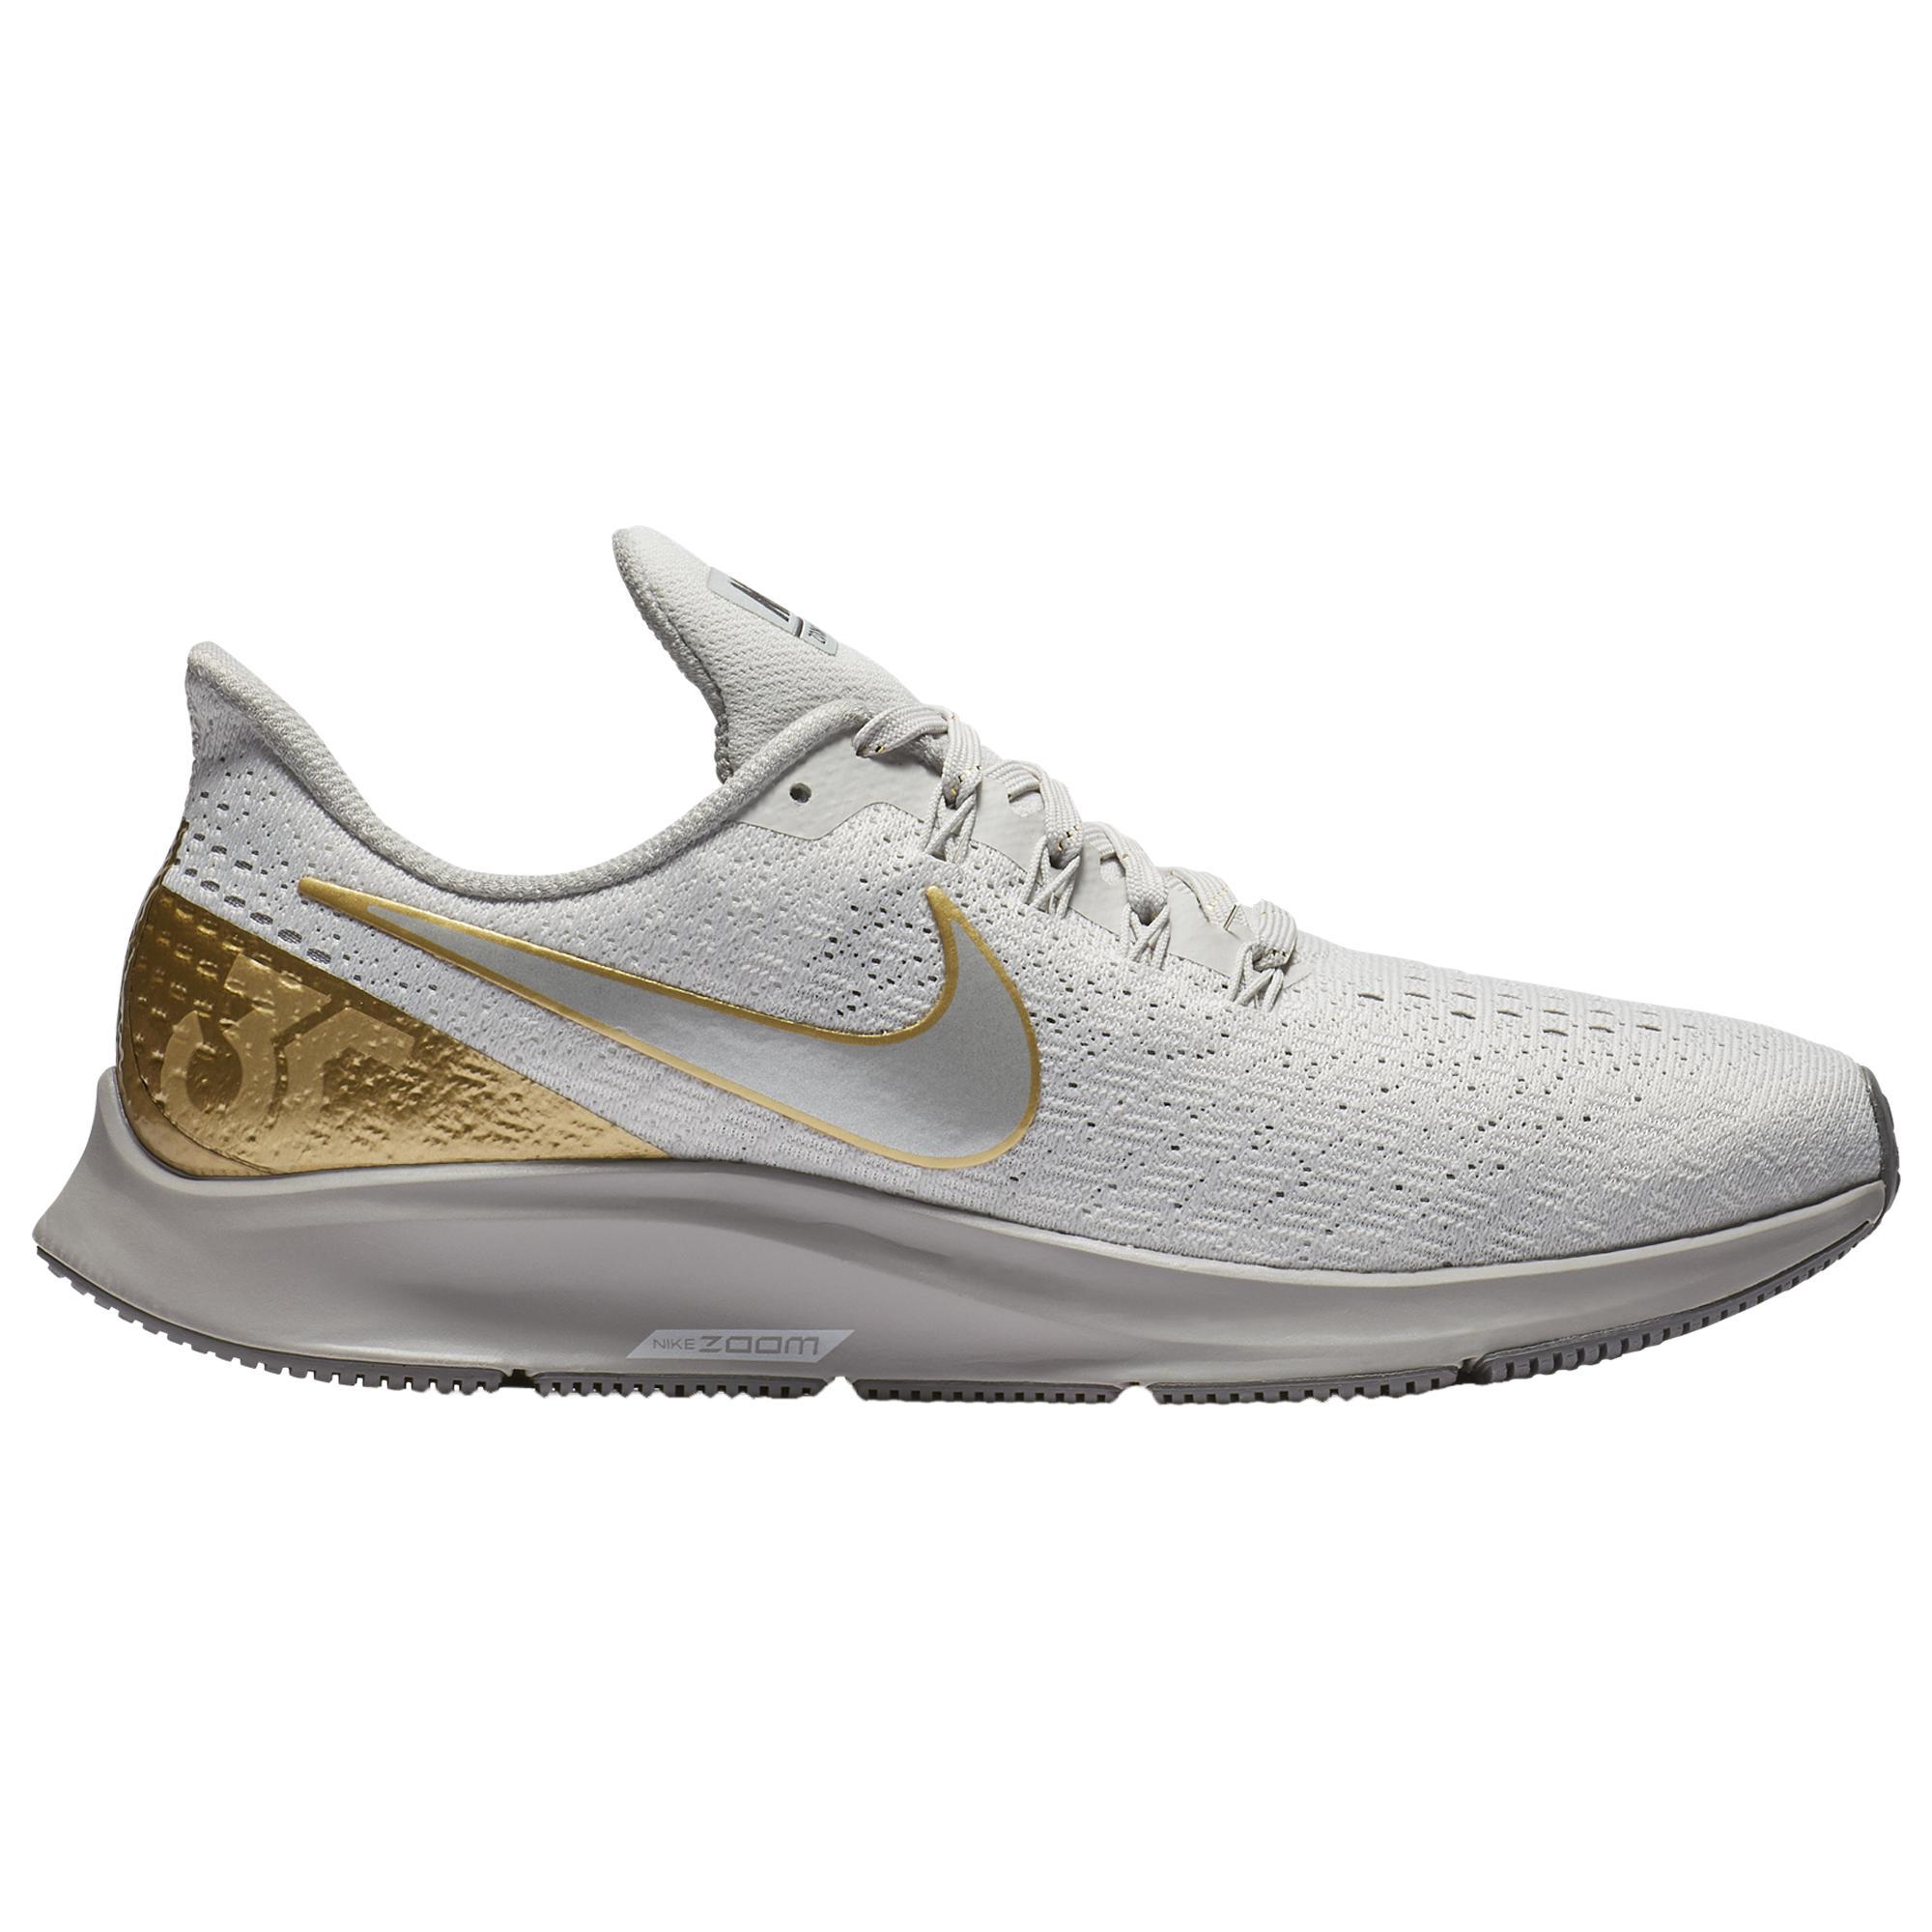 bd1a6877b34 Lyst - Nike Air Zoom Pegasus 35 Premium in Gray